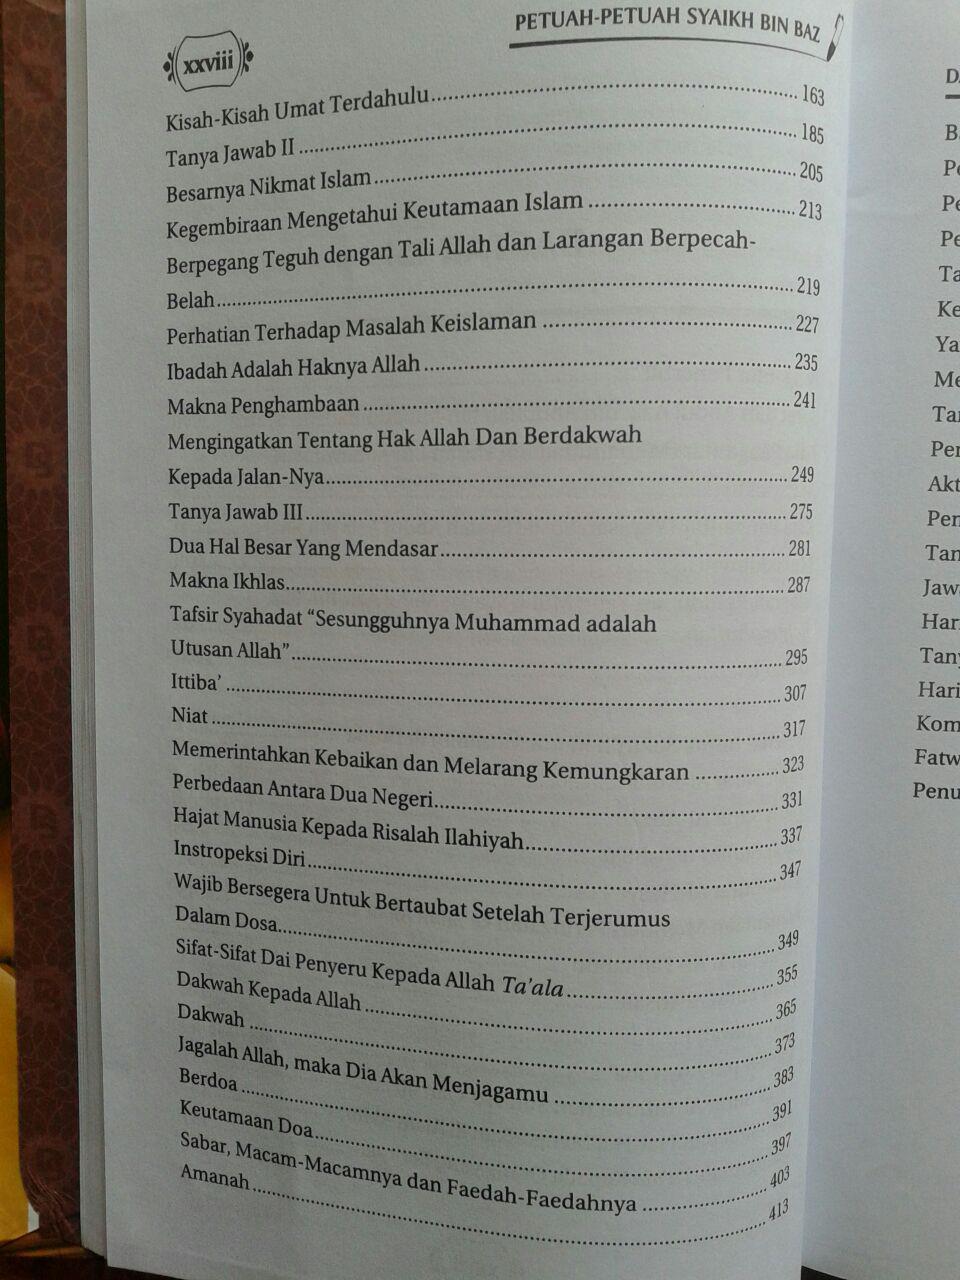 Buku Petuah-Petuah Syaikh Bin Baz isi 5